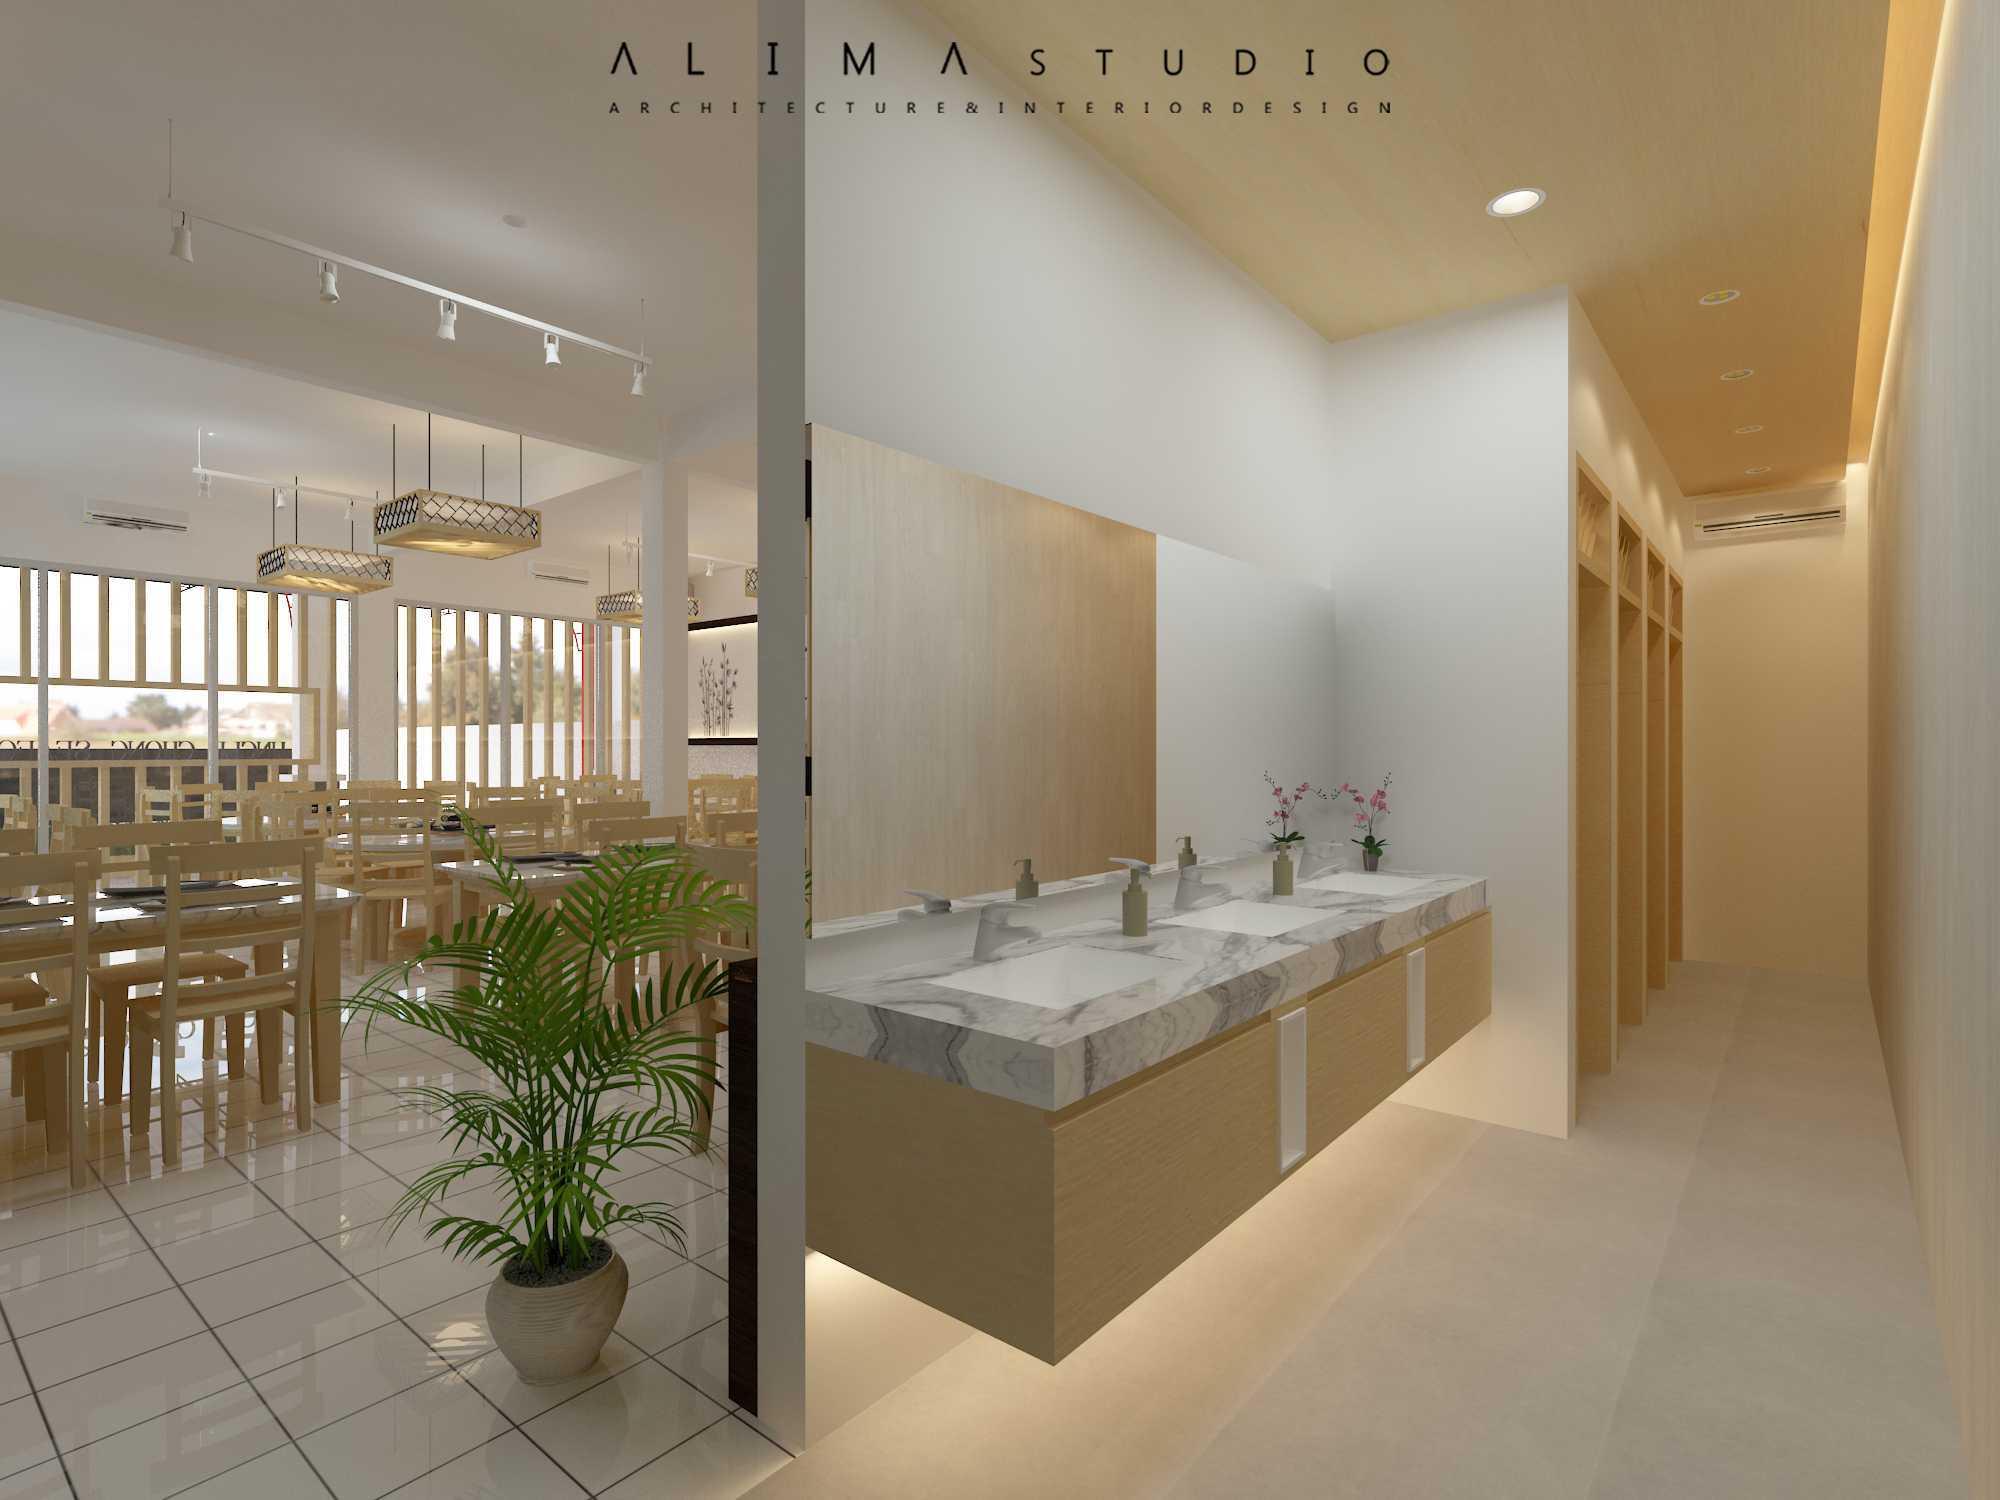 Foto inspirasi ide desain ruang makan asian Alima-studio-uncle-chong-restaurant oleh Alima Studio di Arsitag